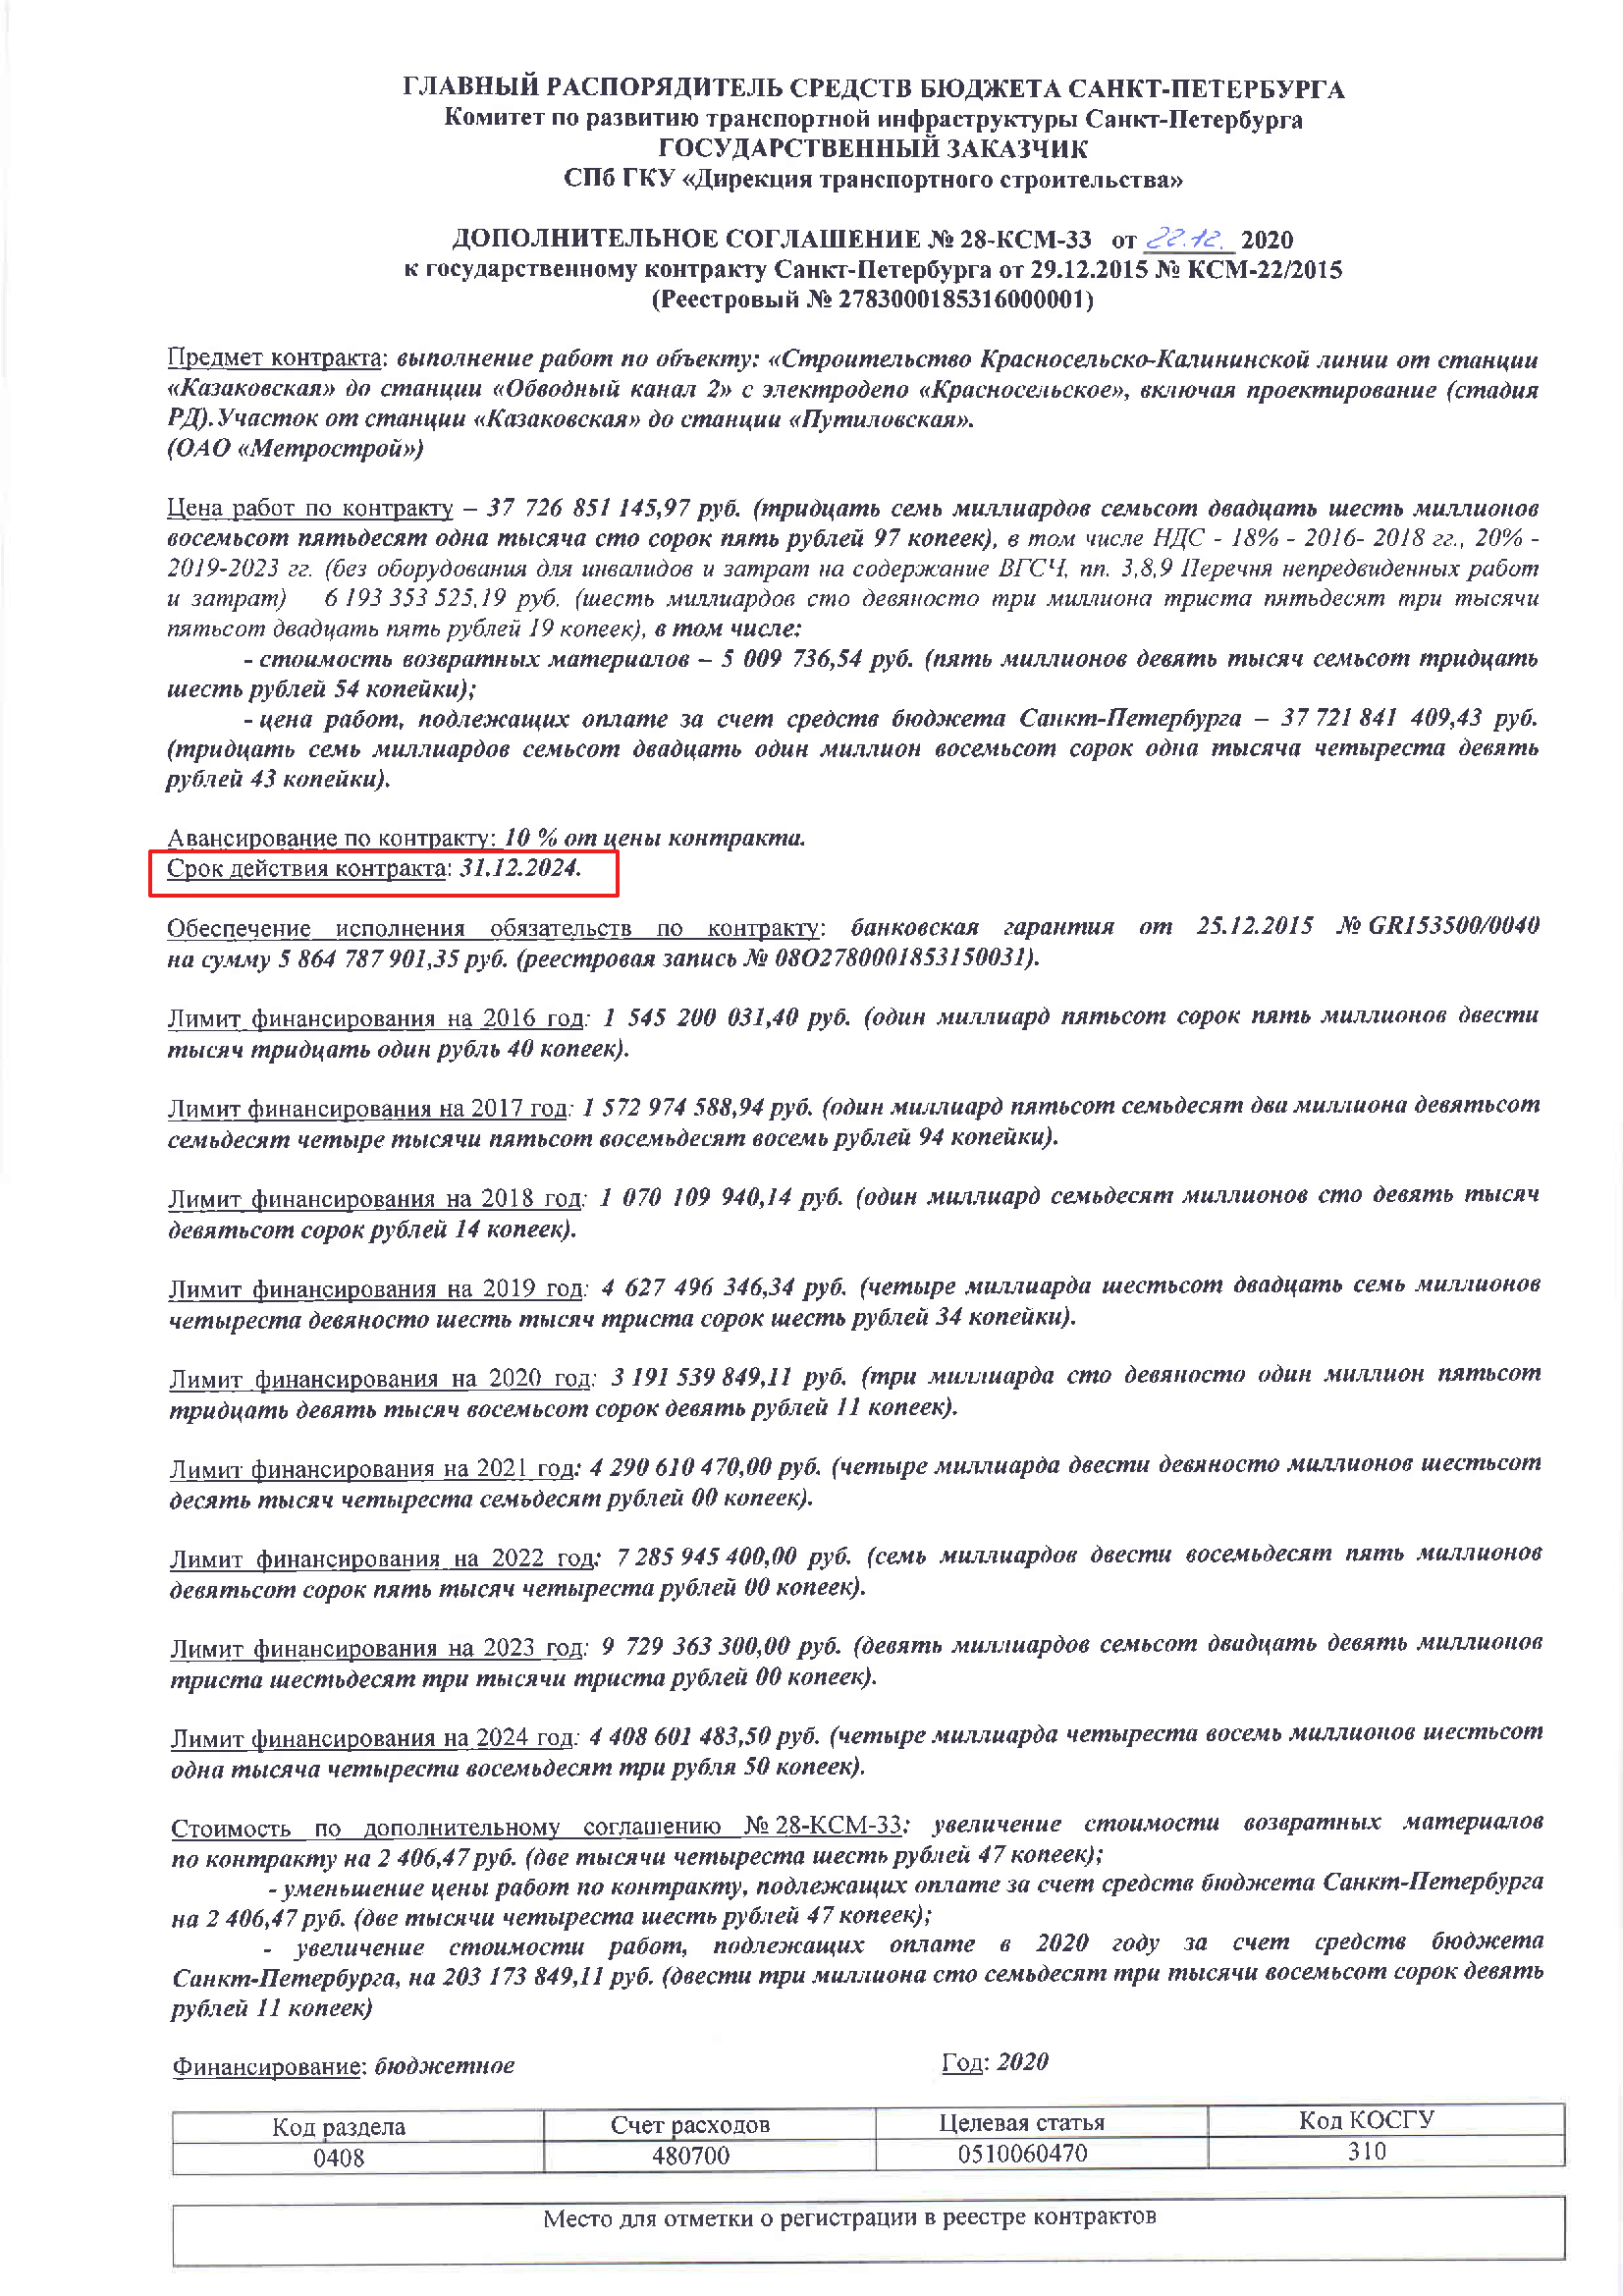 Допсоглашения к контрактам на строительство оранжевой и коричневой линий метро